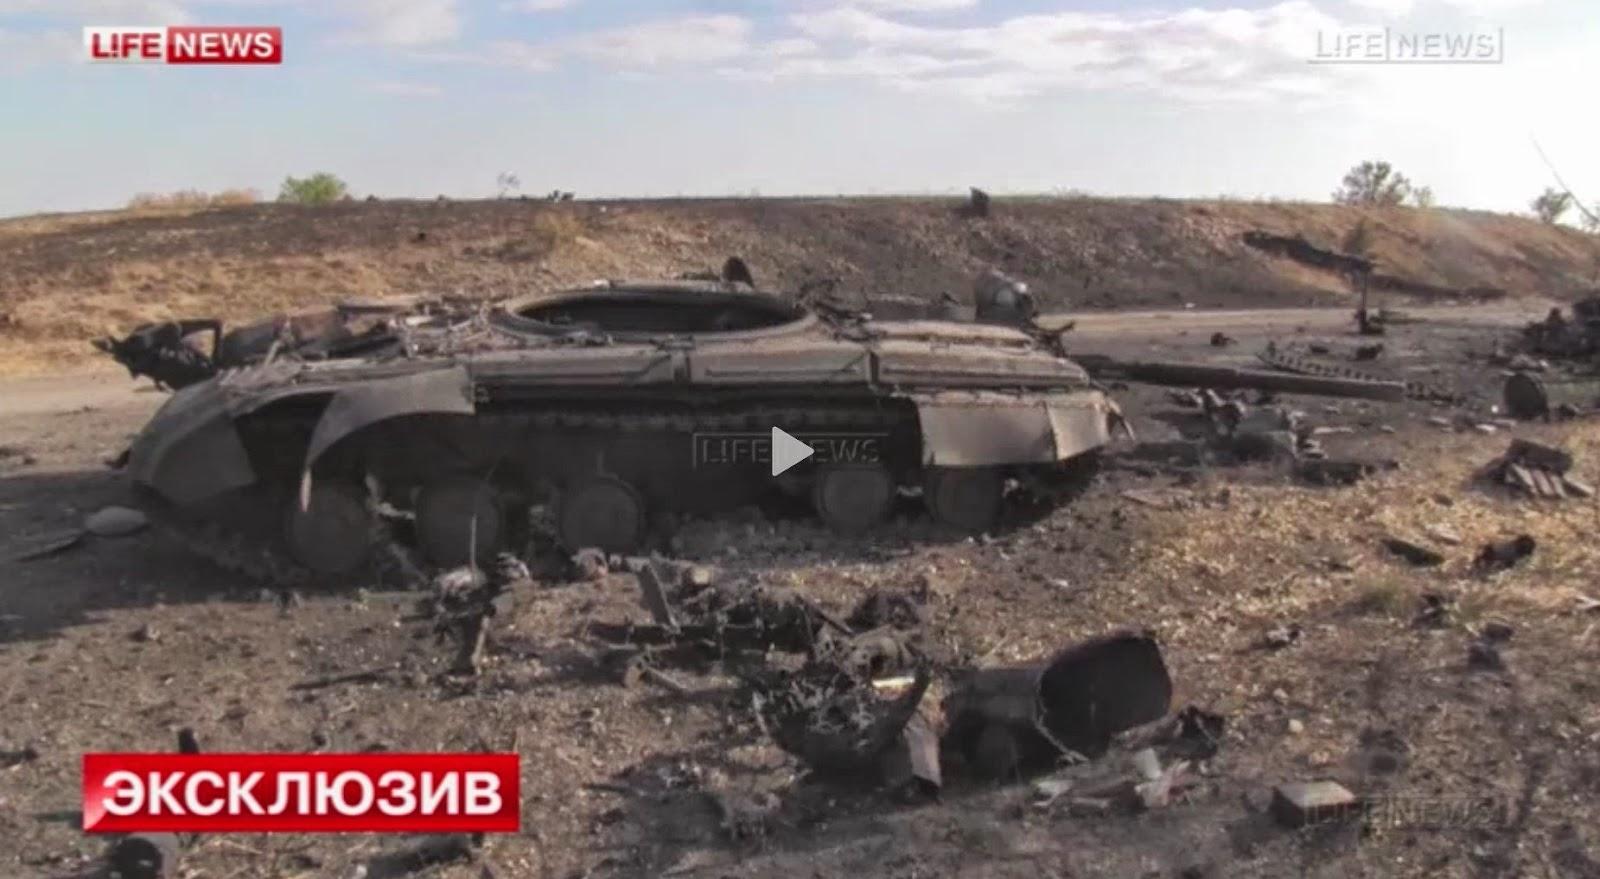 Donbass Liberation War Multimedia %D0%A1%D1%82%D0%B0%D1%80%D0%BE%D0%B1%D0%B5%D1%88%D0%B5%D0%B2%D0%BE1